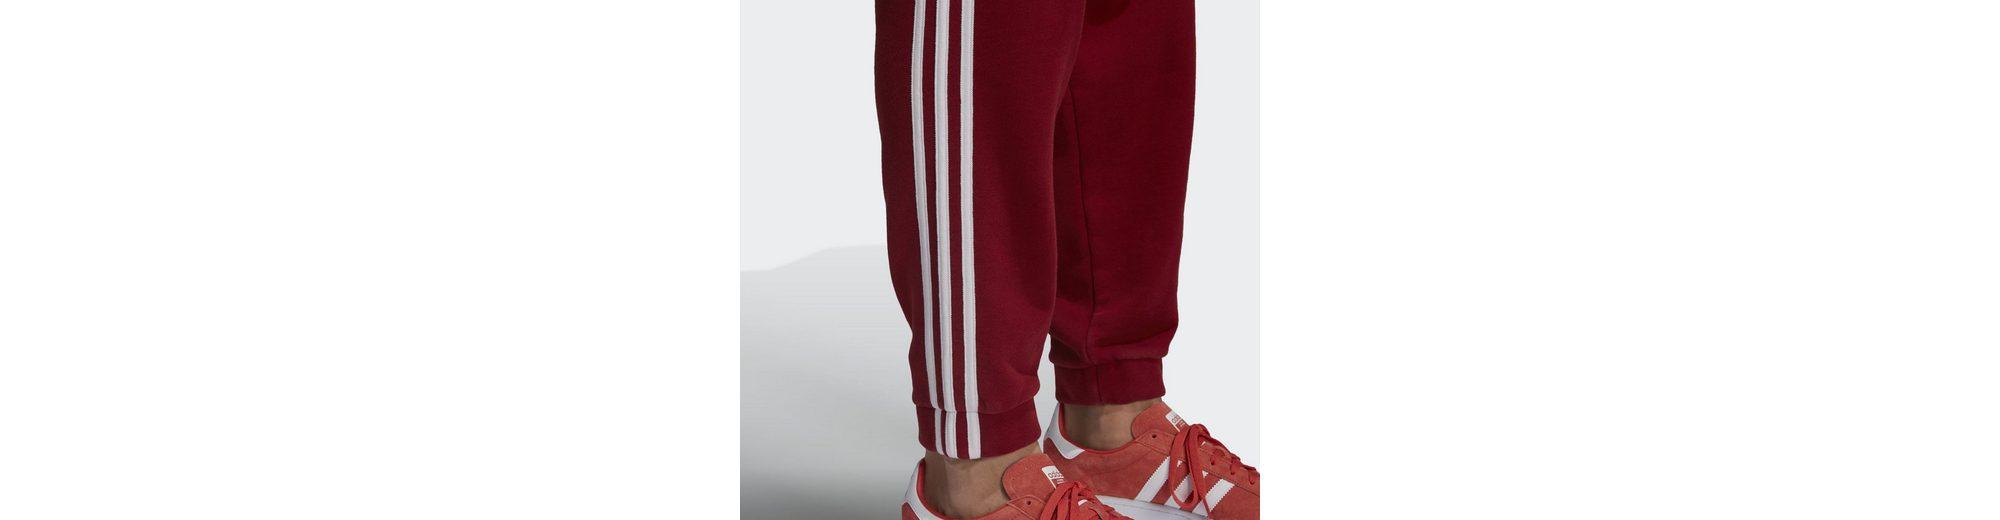 adidas Originals Trainingshose 3-Streifen Jogginghose Bestes Geschäft Zu Bekommen Online Verkauf Zahlung Mit Visa Wirklich Billig Online Fälschen Zum Verkauf mtTd7